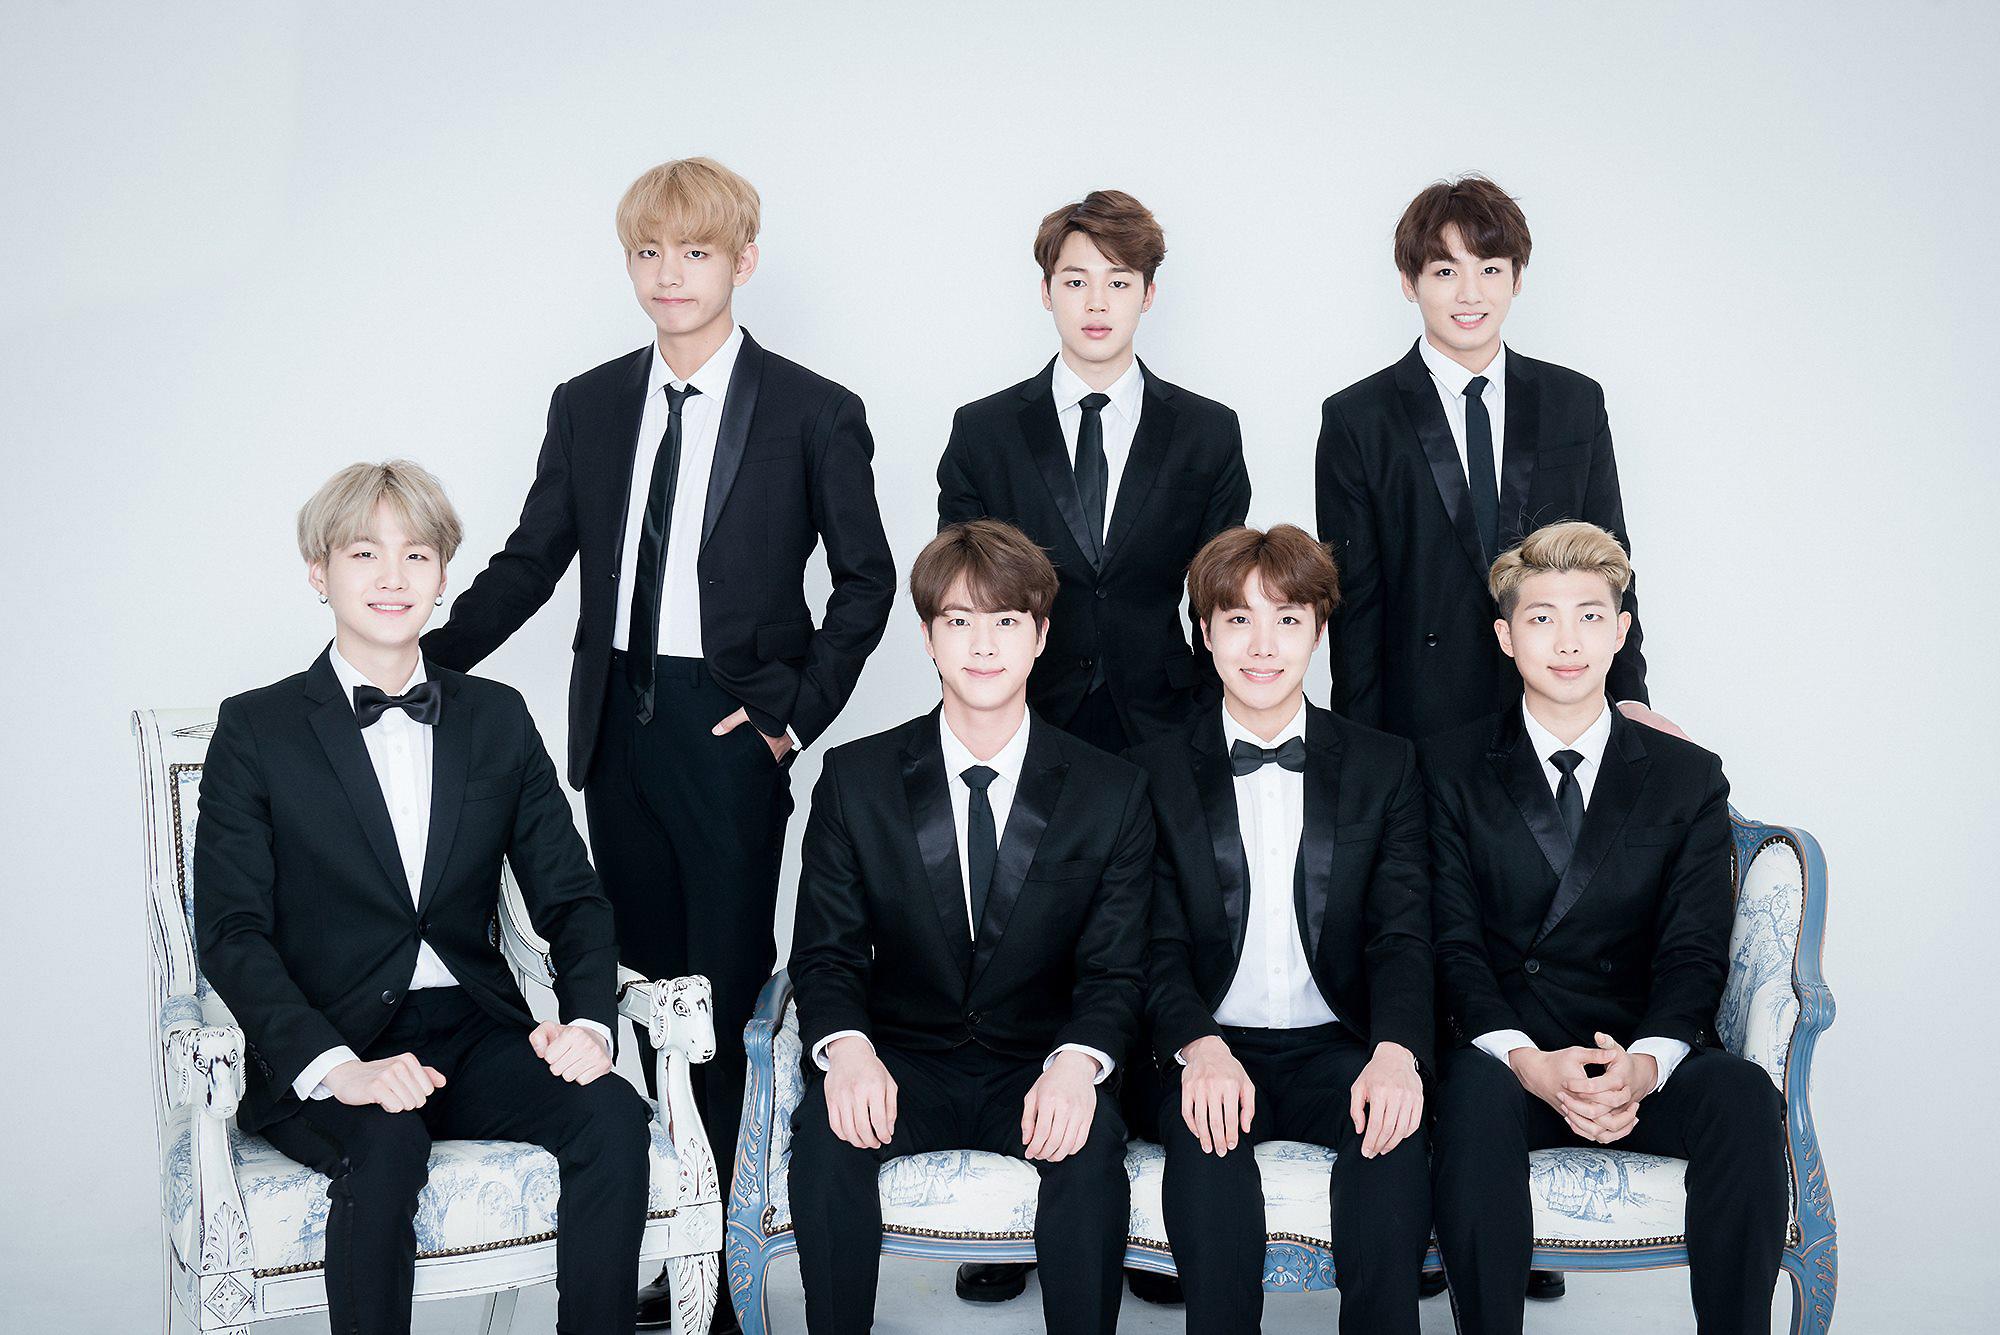 그룹 방탄소년단, 팬들에게 숲 선물 받아…역시 '대세돌'